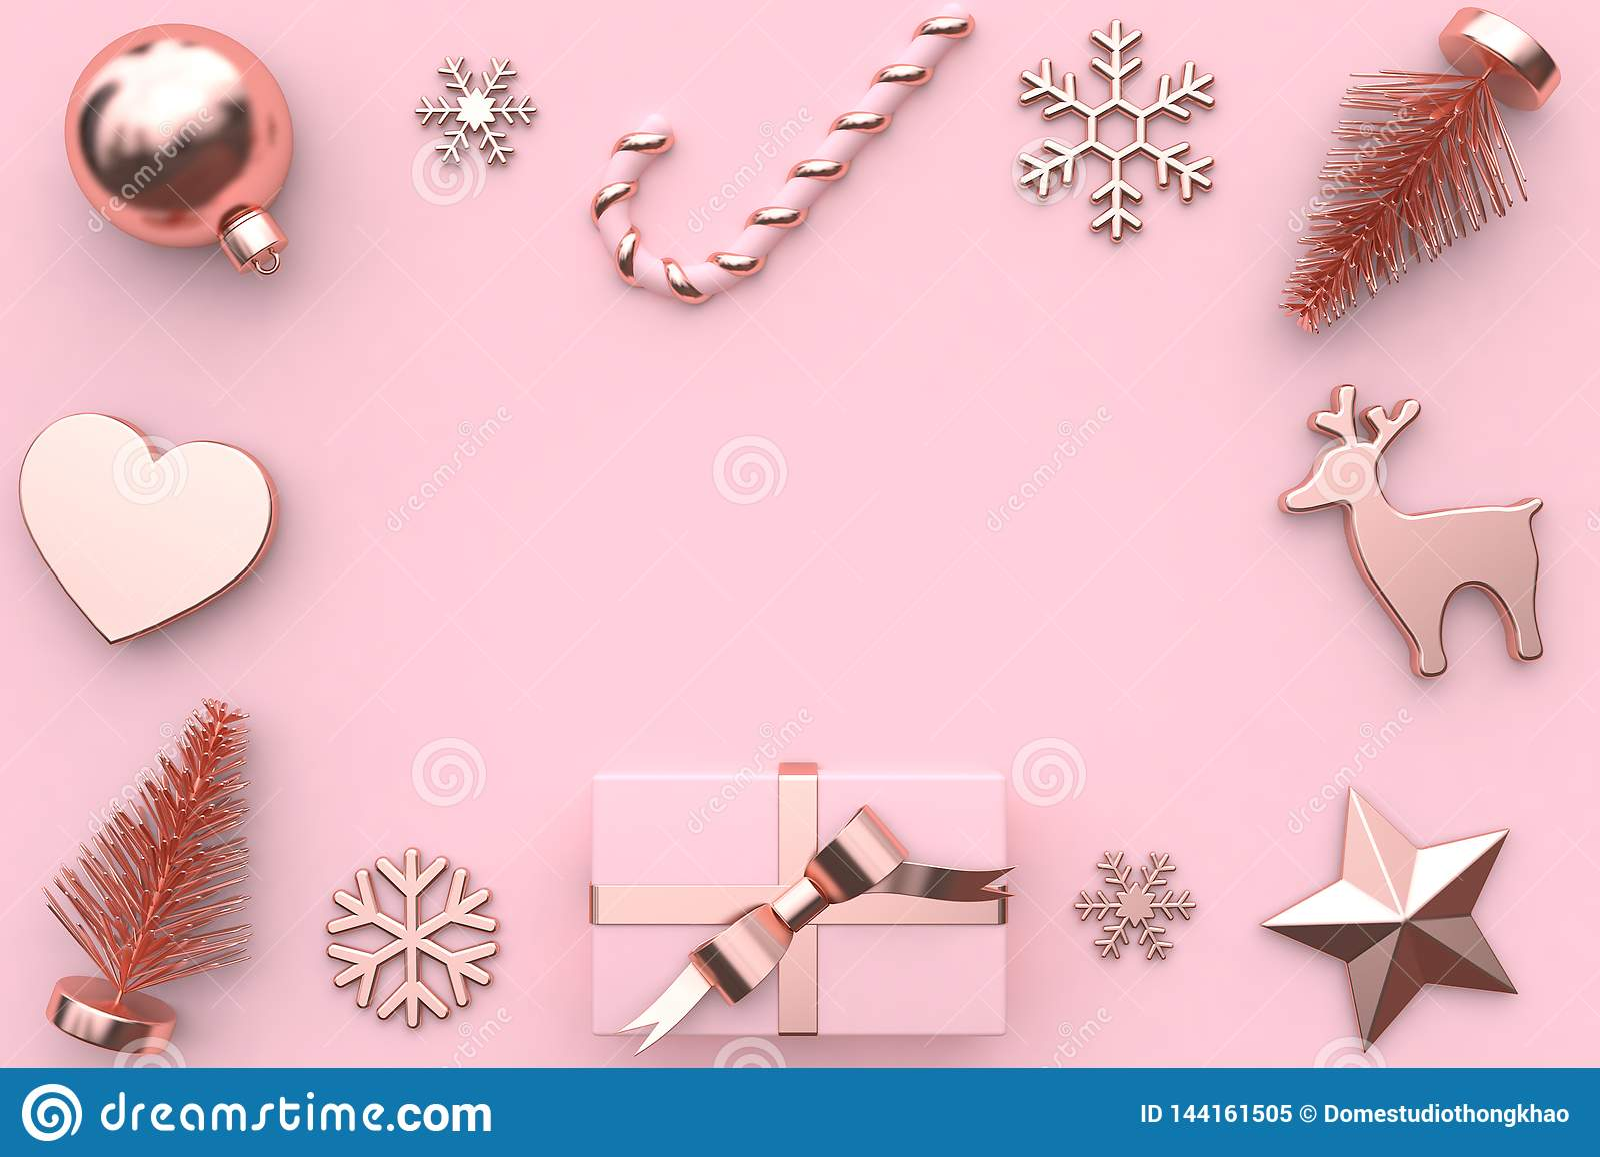 τρισδιάστατος δώστε την αφηρημένη ρόδινη μεταλλική στιλπνός-ροδαλή χρυσή διακόσμηση δέντρων χιονιού κιβωτίων δώρων κορδελλών